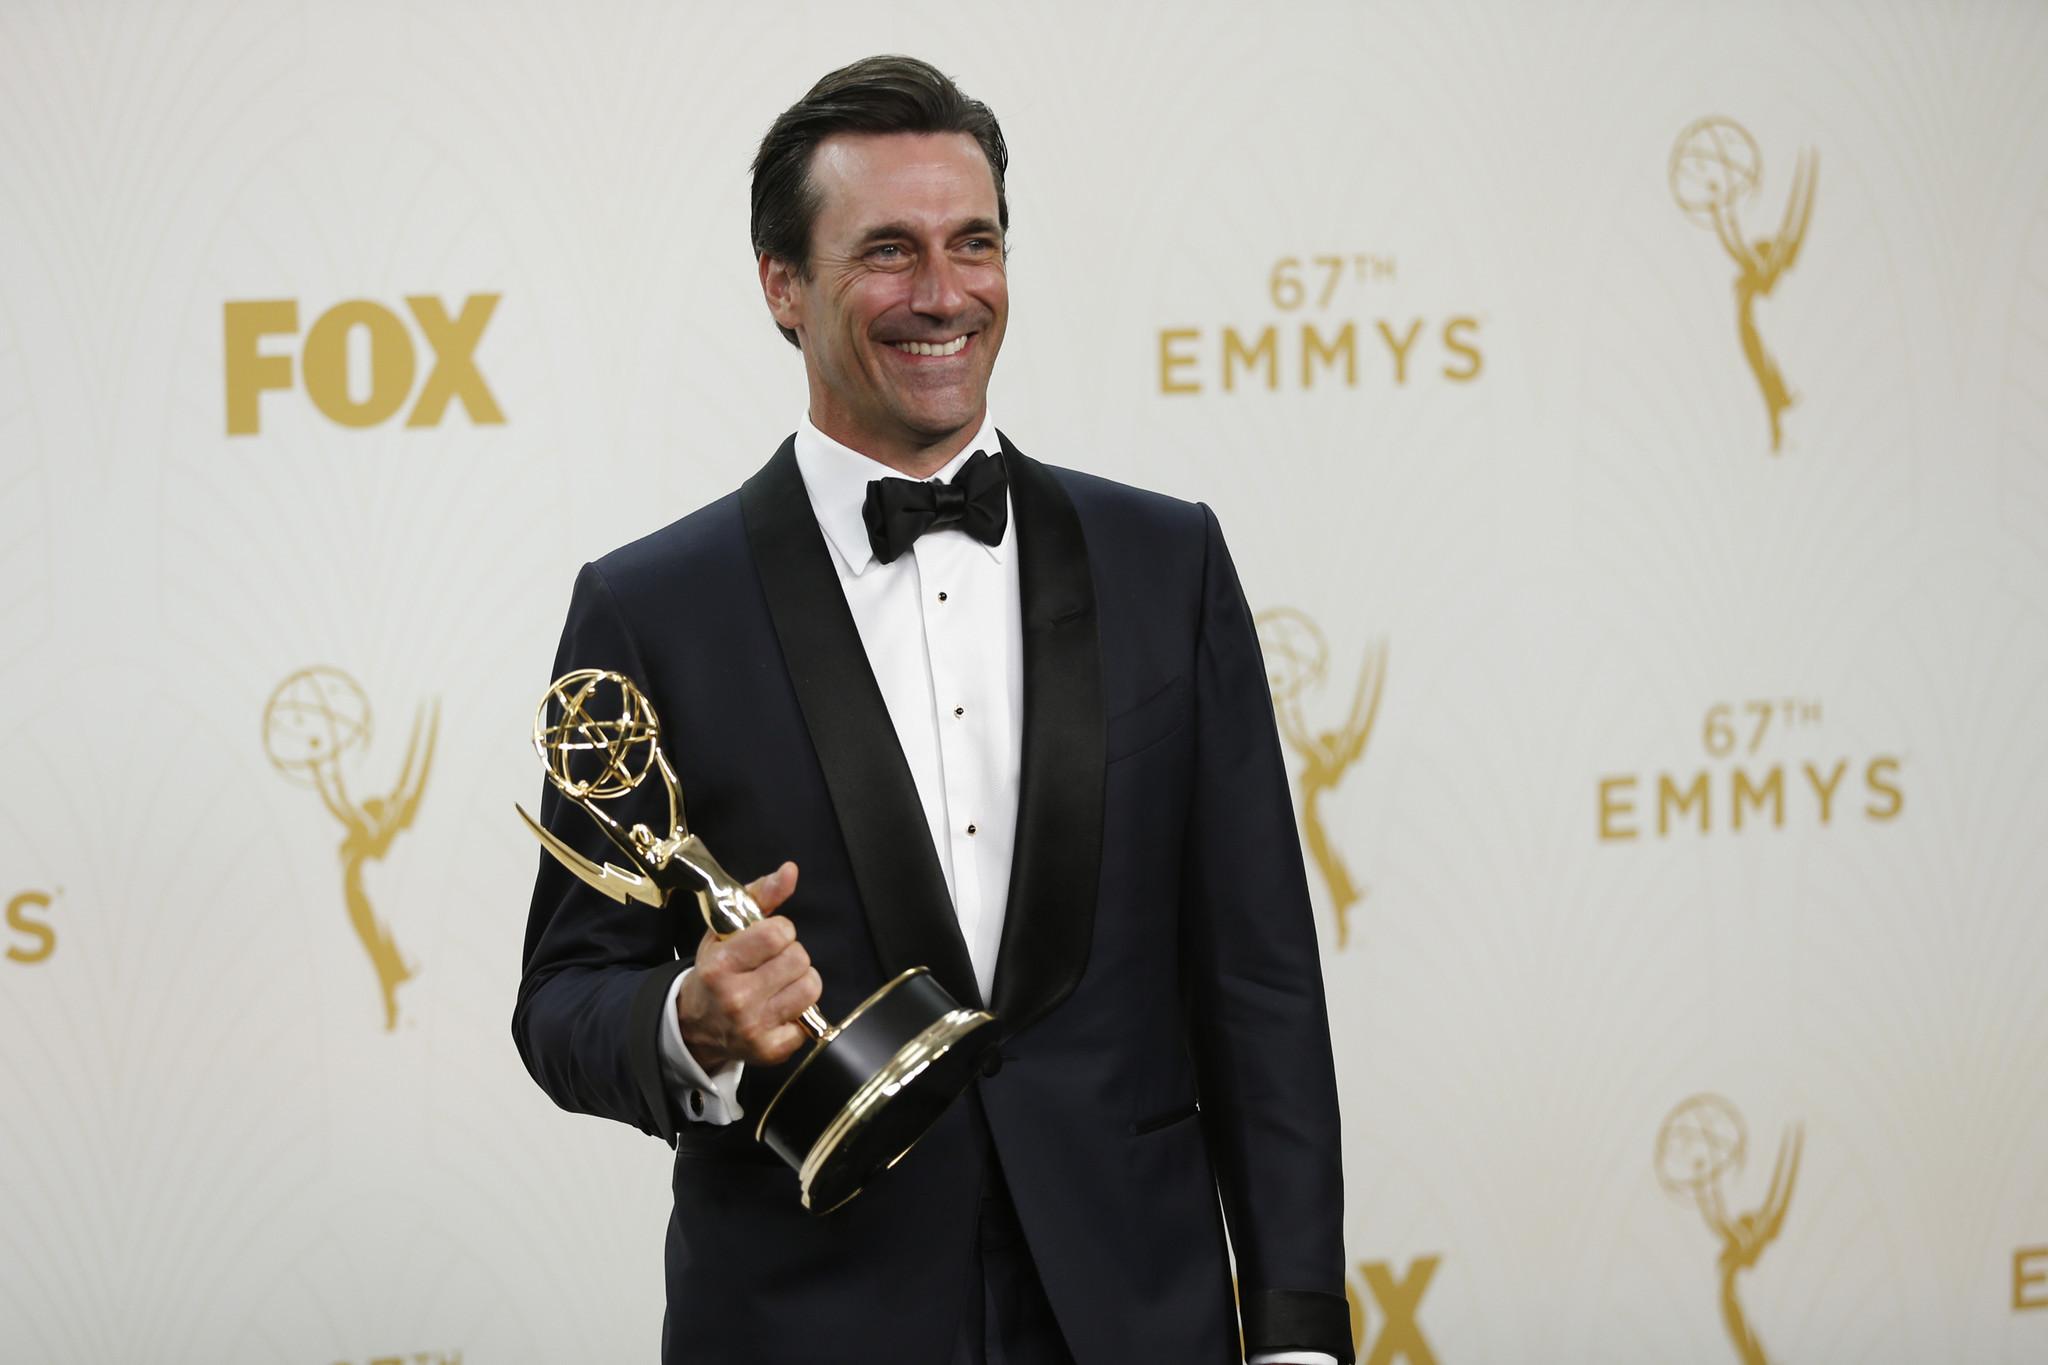 Jon Hamm posa para fotos no backstage com seu primeiro e último Emmy por Mad Men (photo by latimes.com)